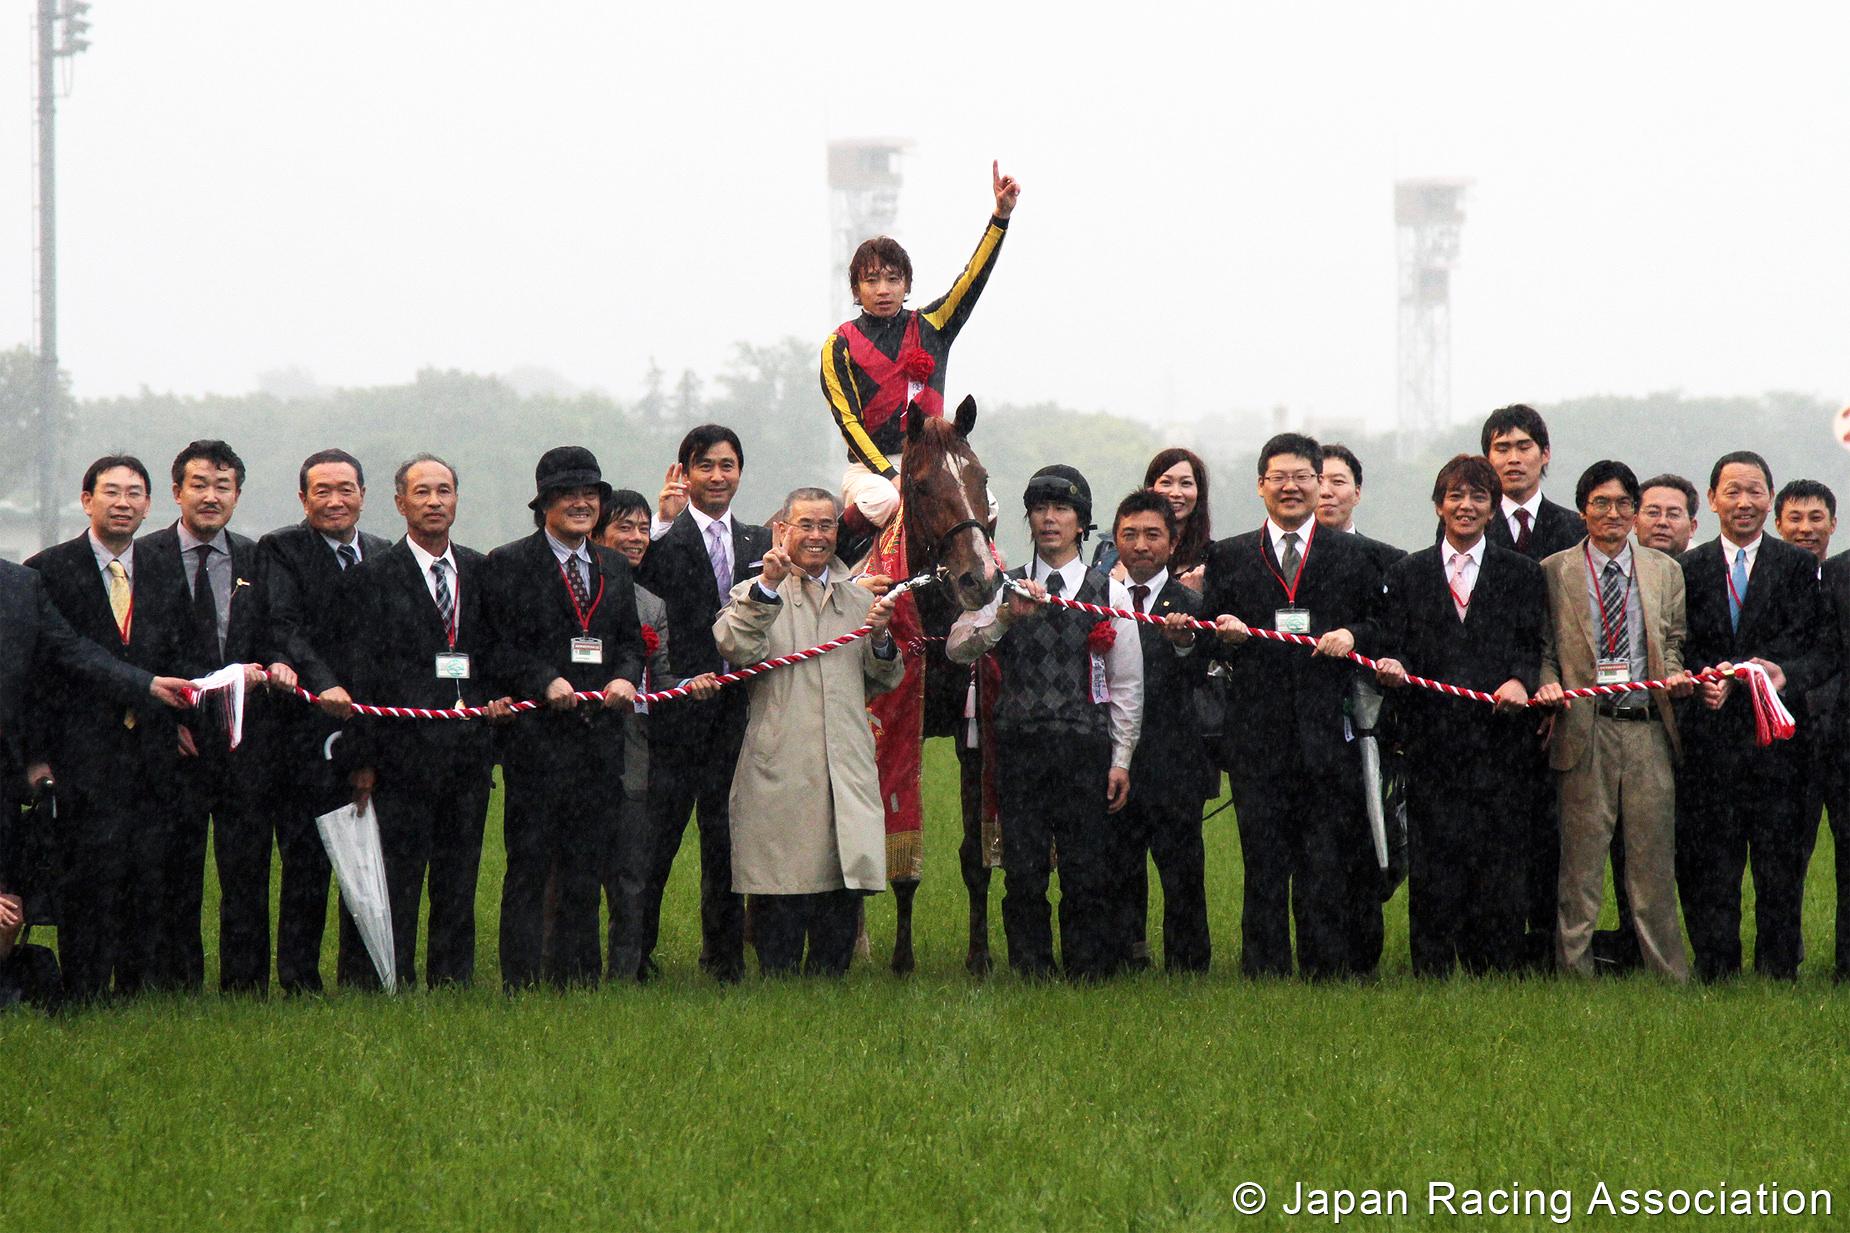 オルフェーヴル 悪路も馬群も蹴散らし二冠達成 © JRA